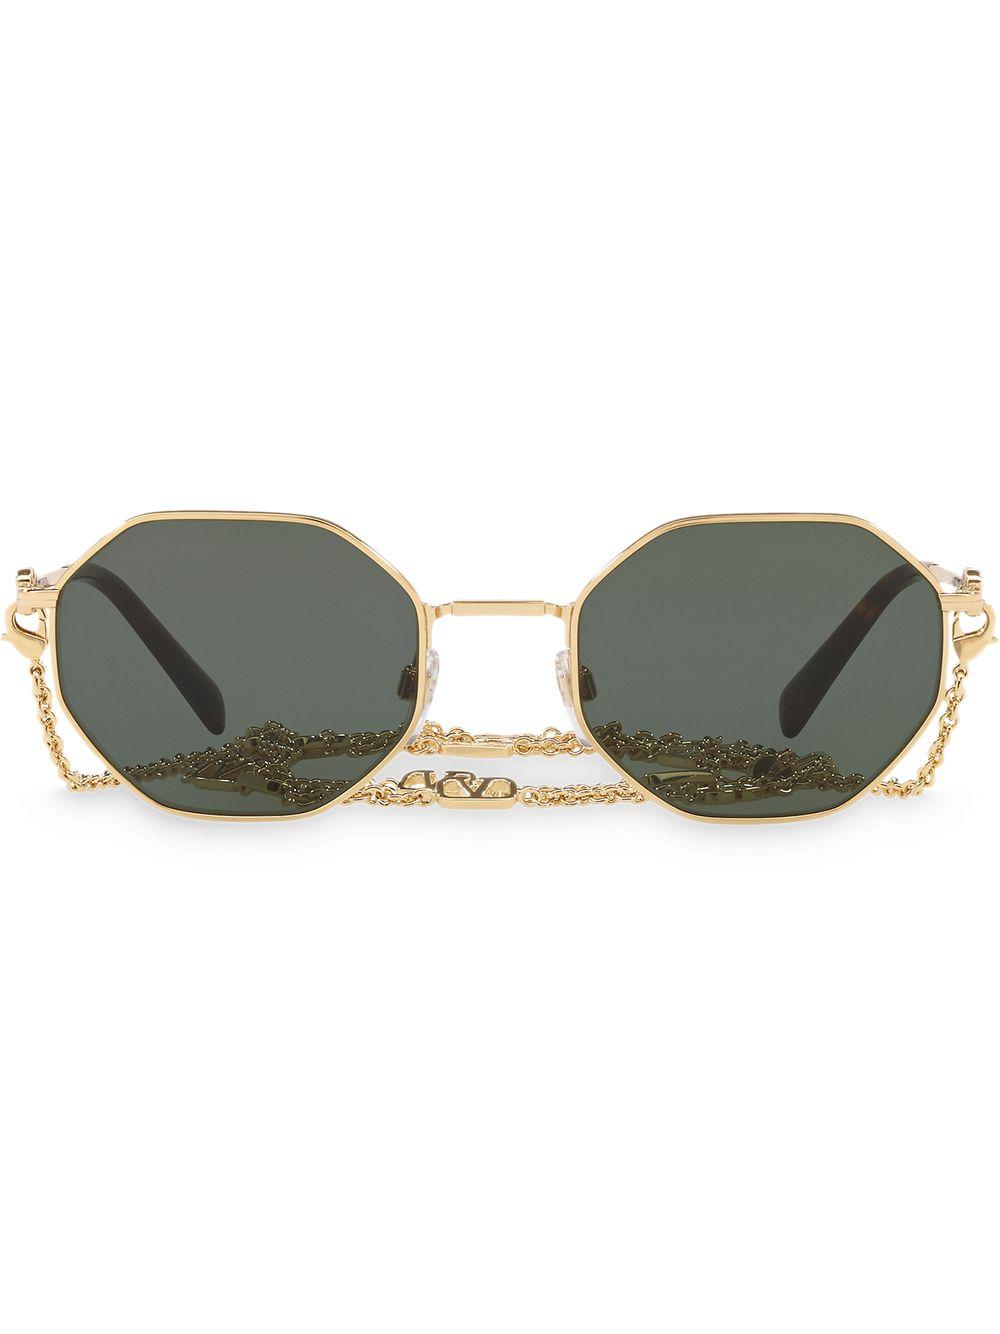 Valentino Eyewear Klassische Sonnenbrille - Gold